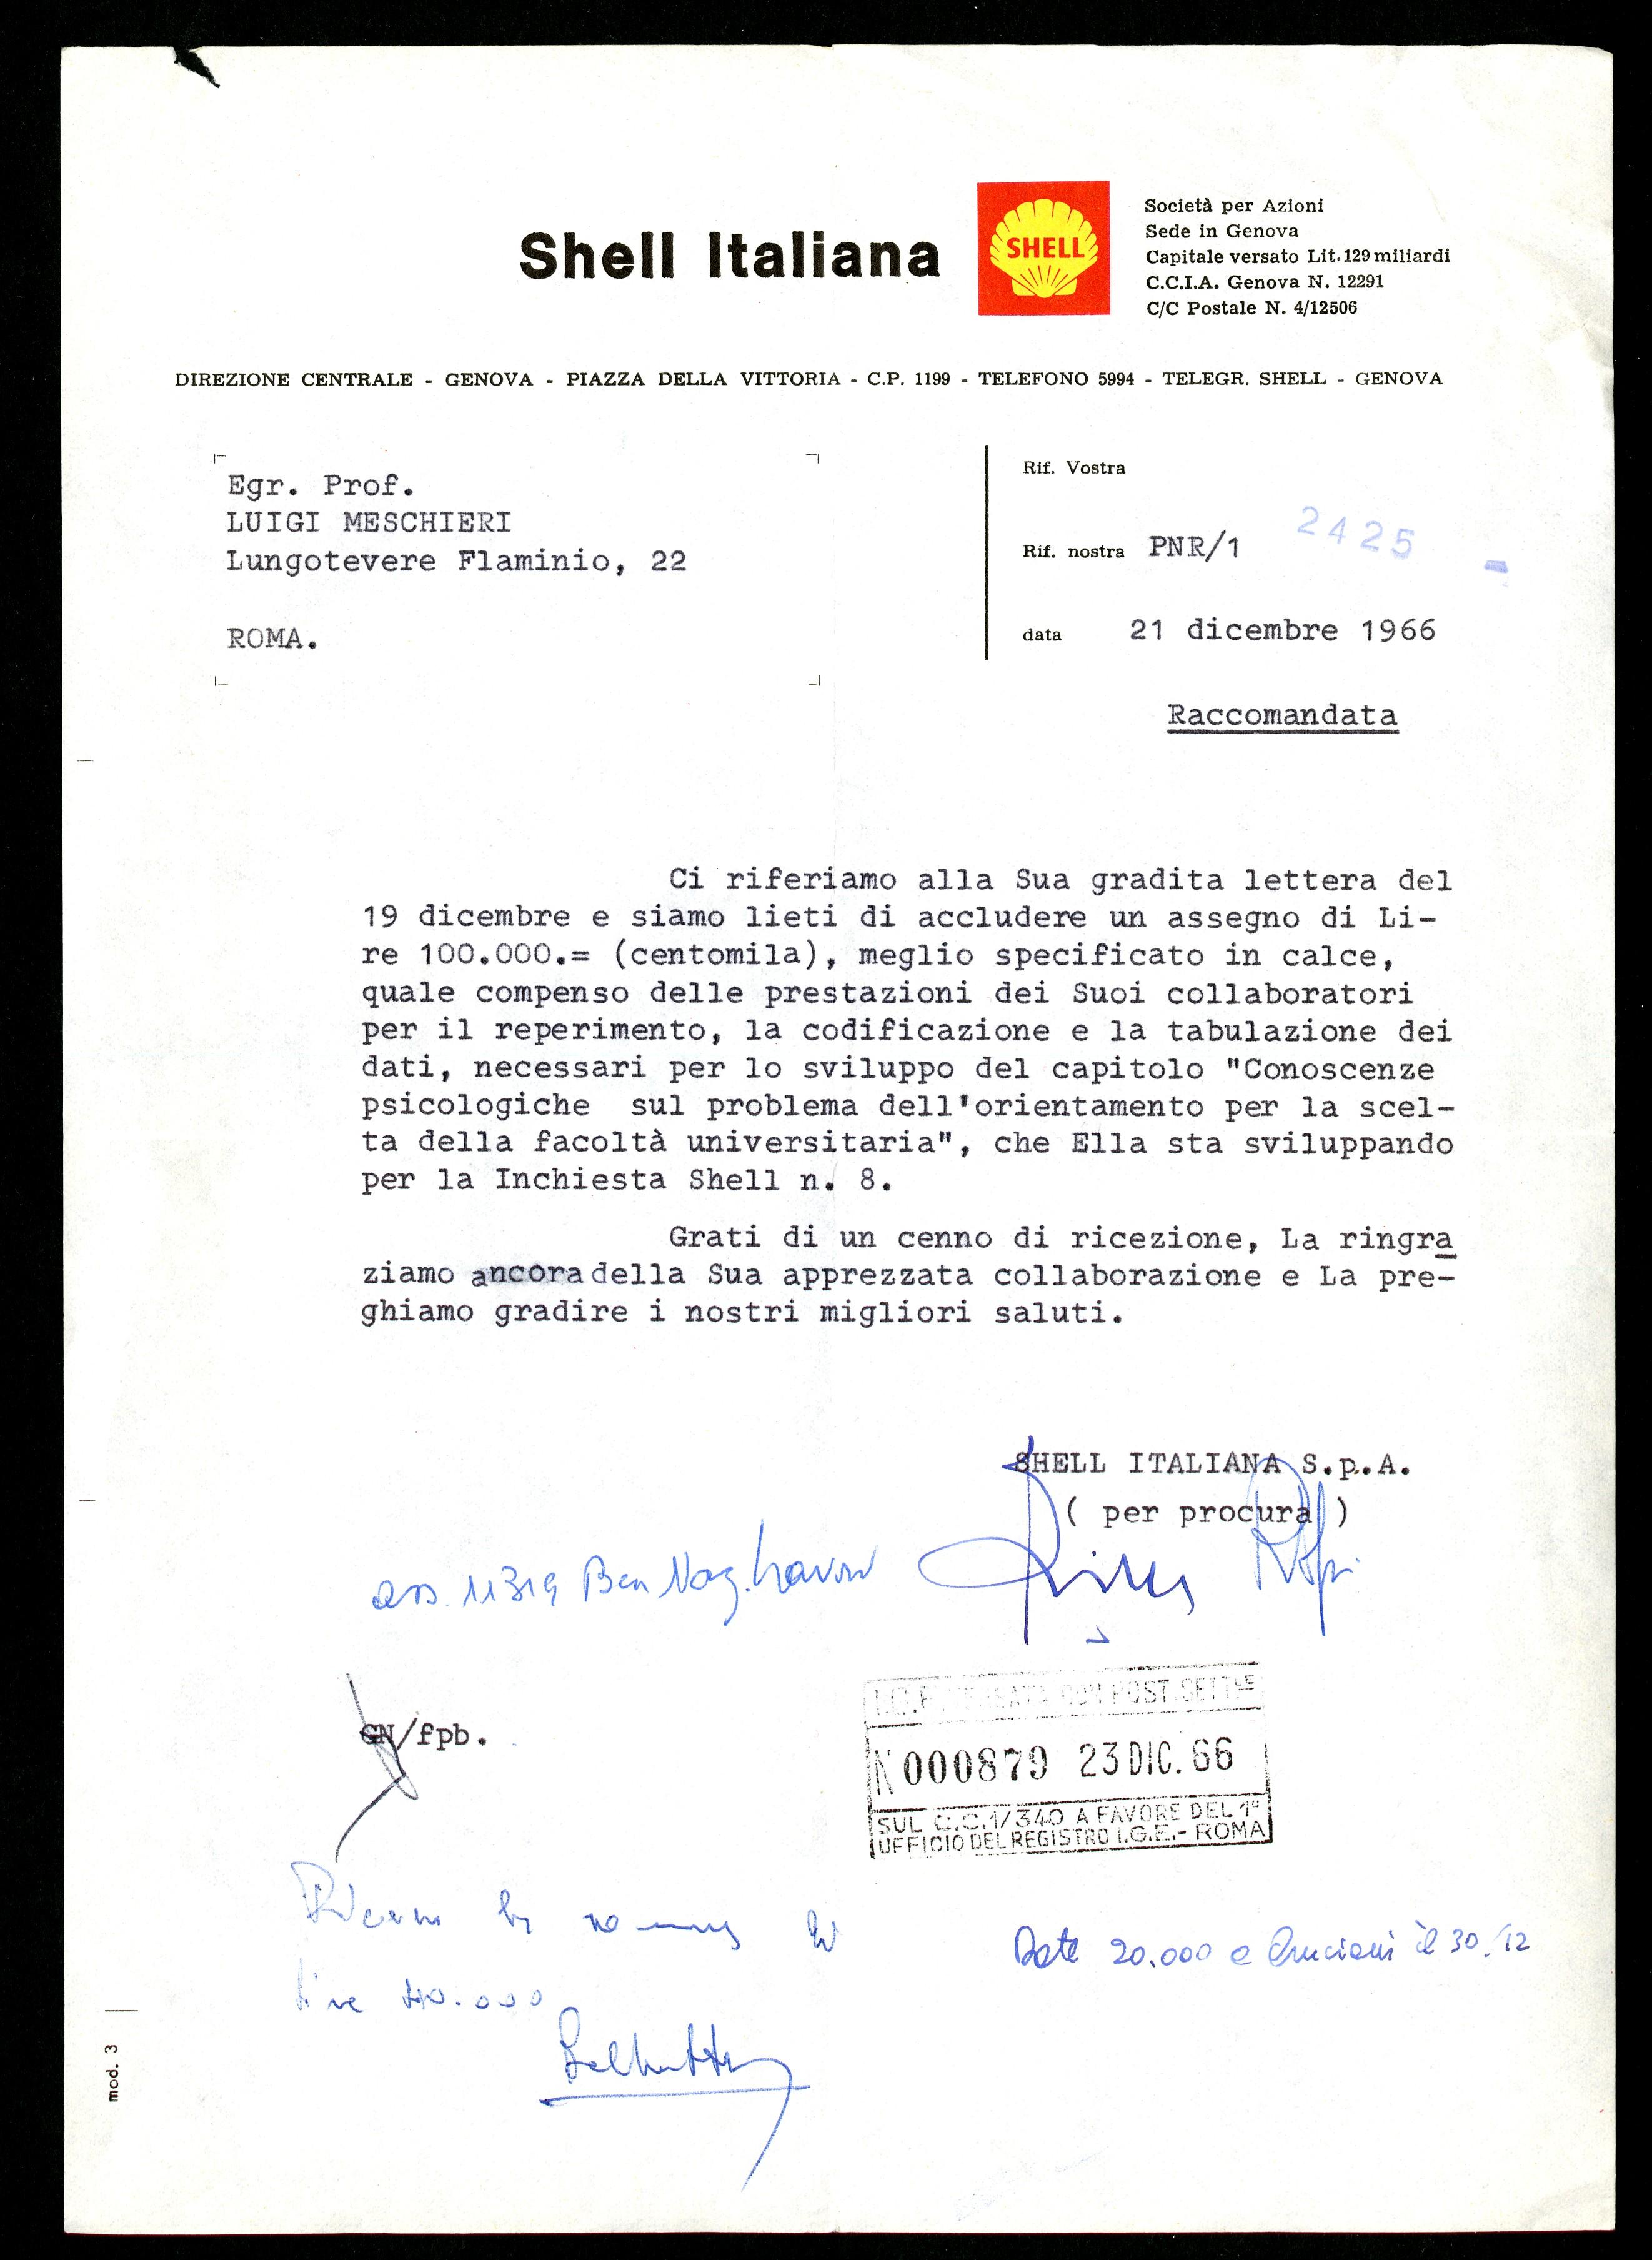 Shell italiana s.p.a. - Aspi - Archivio storico della psicologia ... 439b58d0f83c